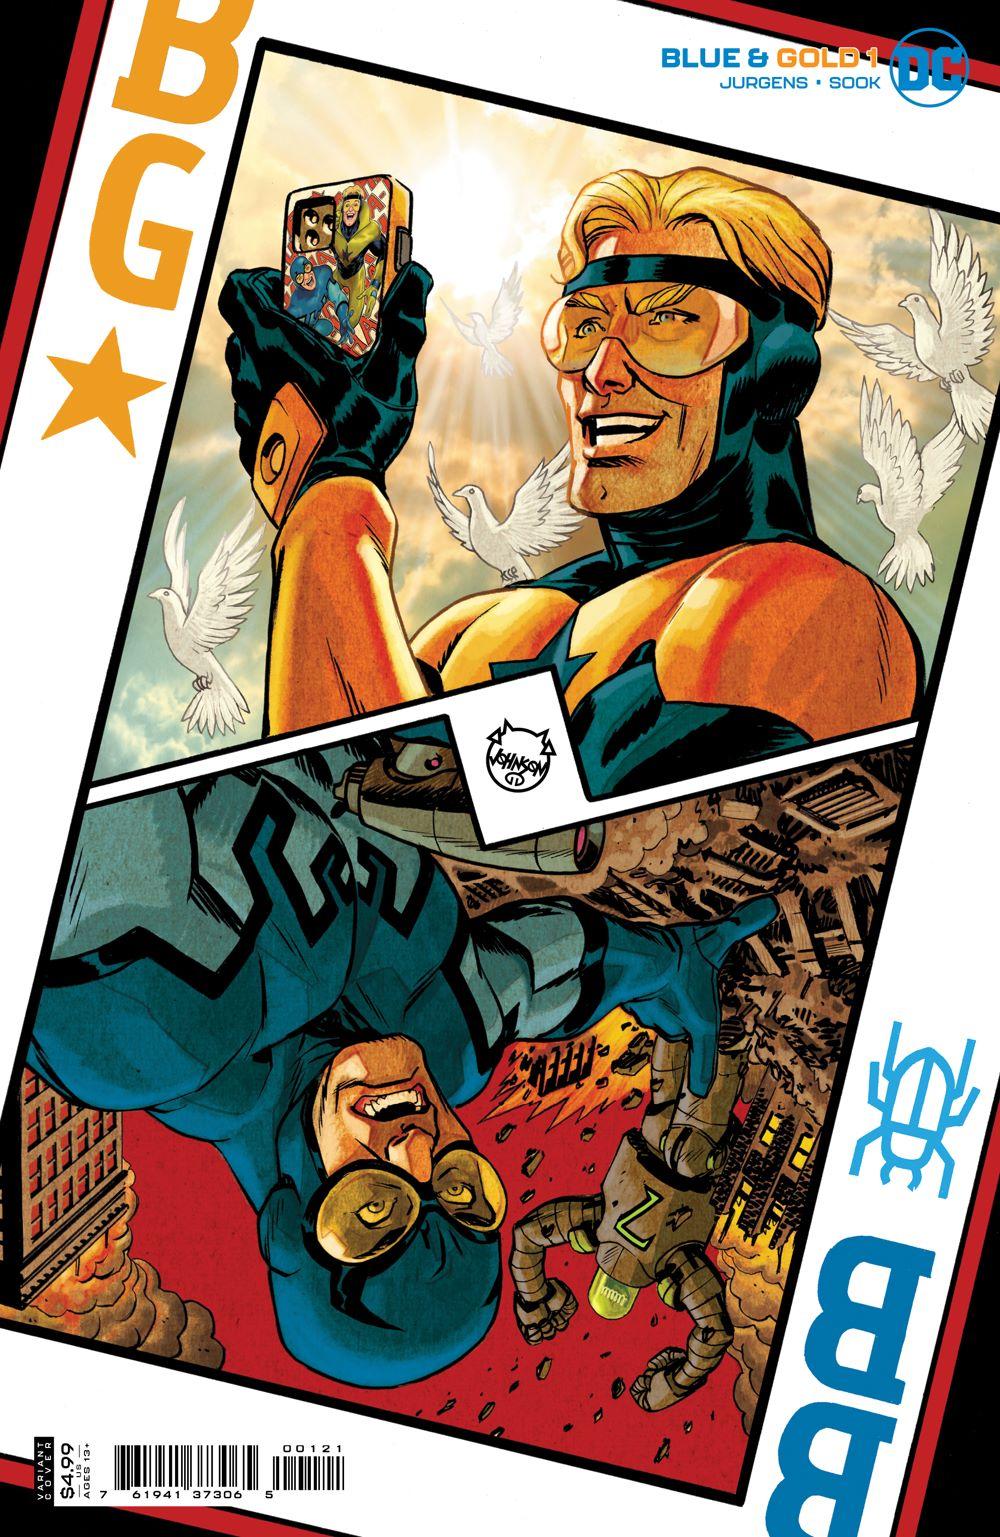 BG_Cv1_var DC Comics July 2021 Solicitations